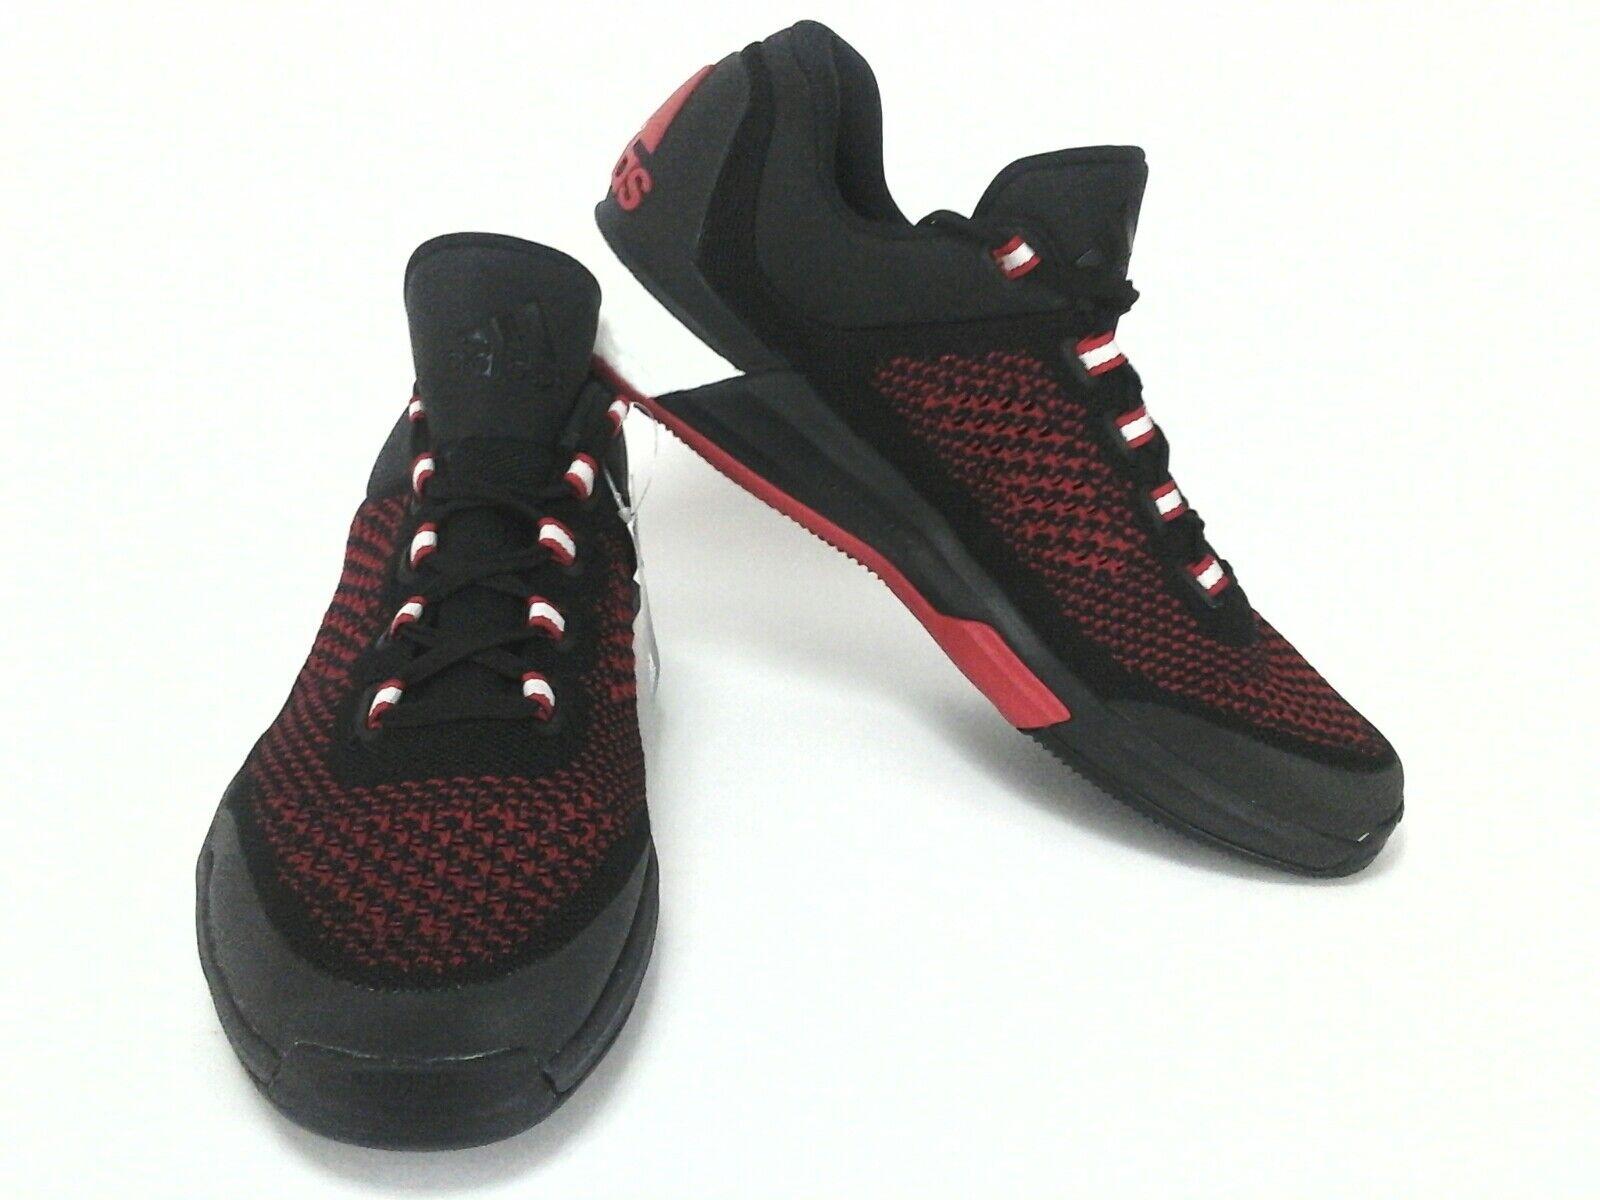 Adidas strana luce incrementare stableframe primeknit q16092 q16092 q16092 nero scarpe rosse noi 12,5 8a26c5